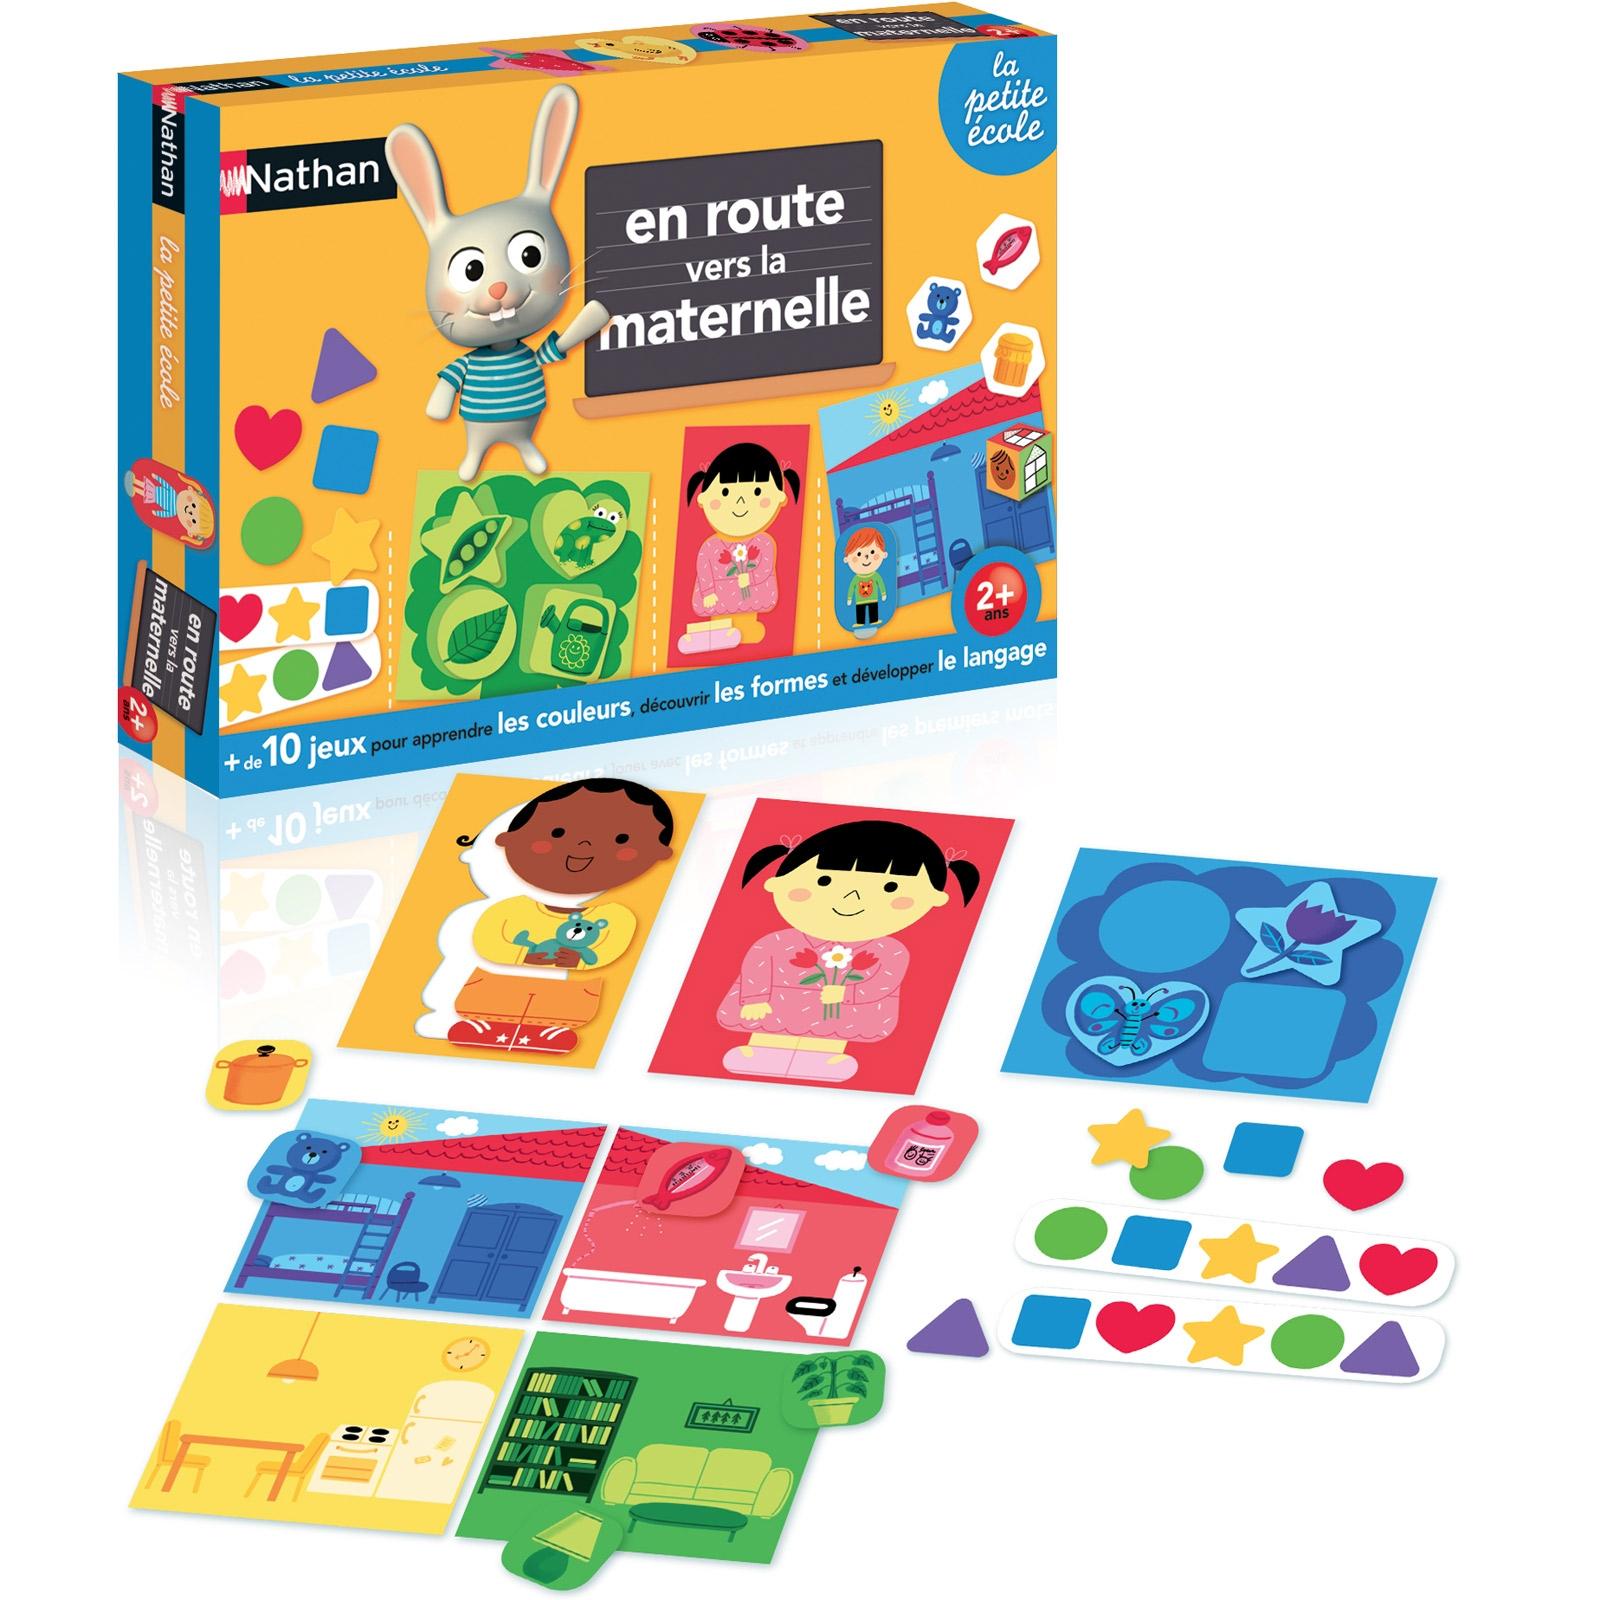 Jeu Éducatif En Route Vers La Maternelle tout Jeux Educatif 2 Ans